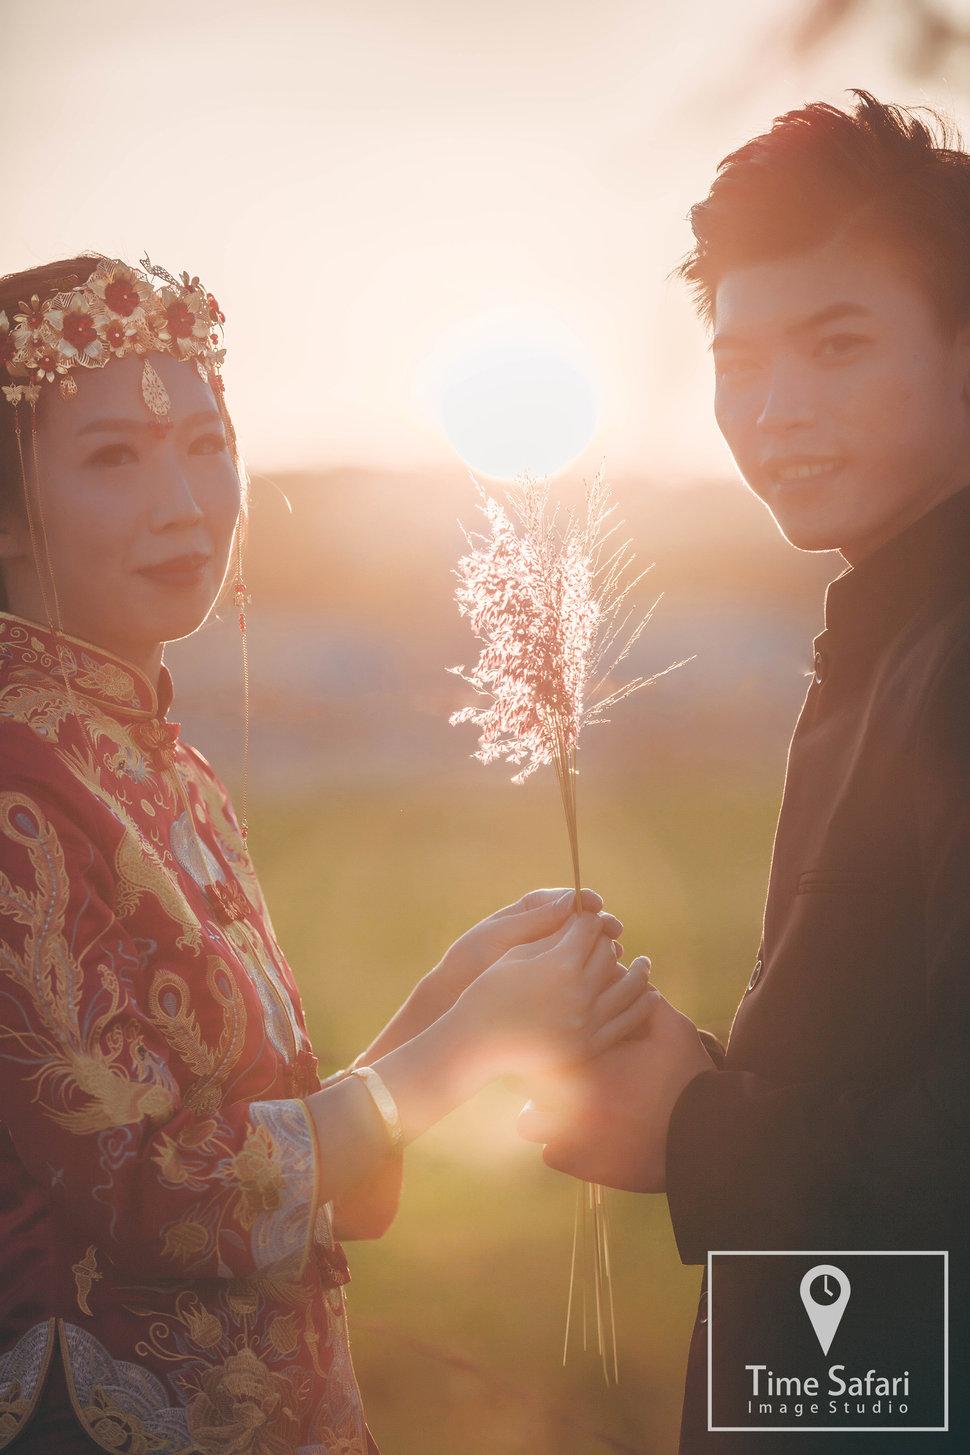 [經典、東方婚紗]因為有你(編號:306166) - TS image studio 時光行旅 - 結婚吧一站式婚禮服務平台